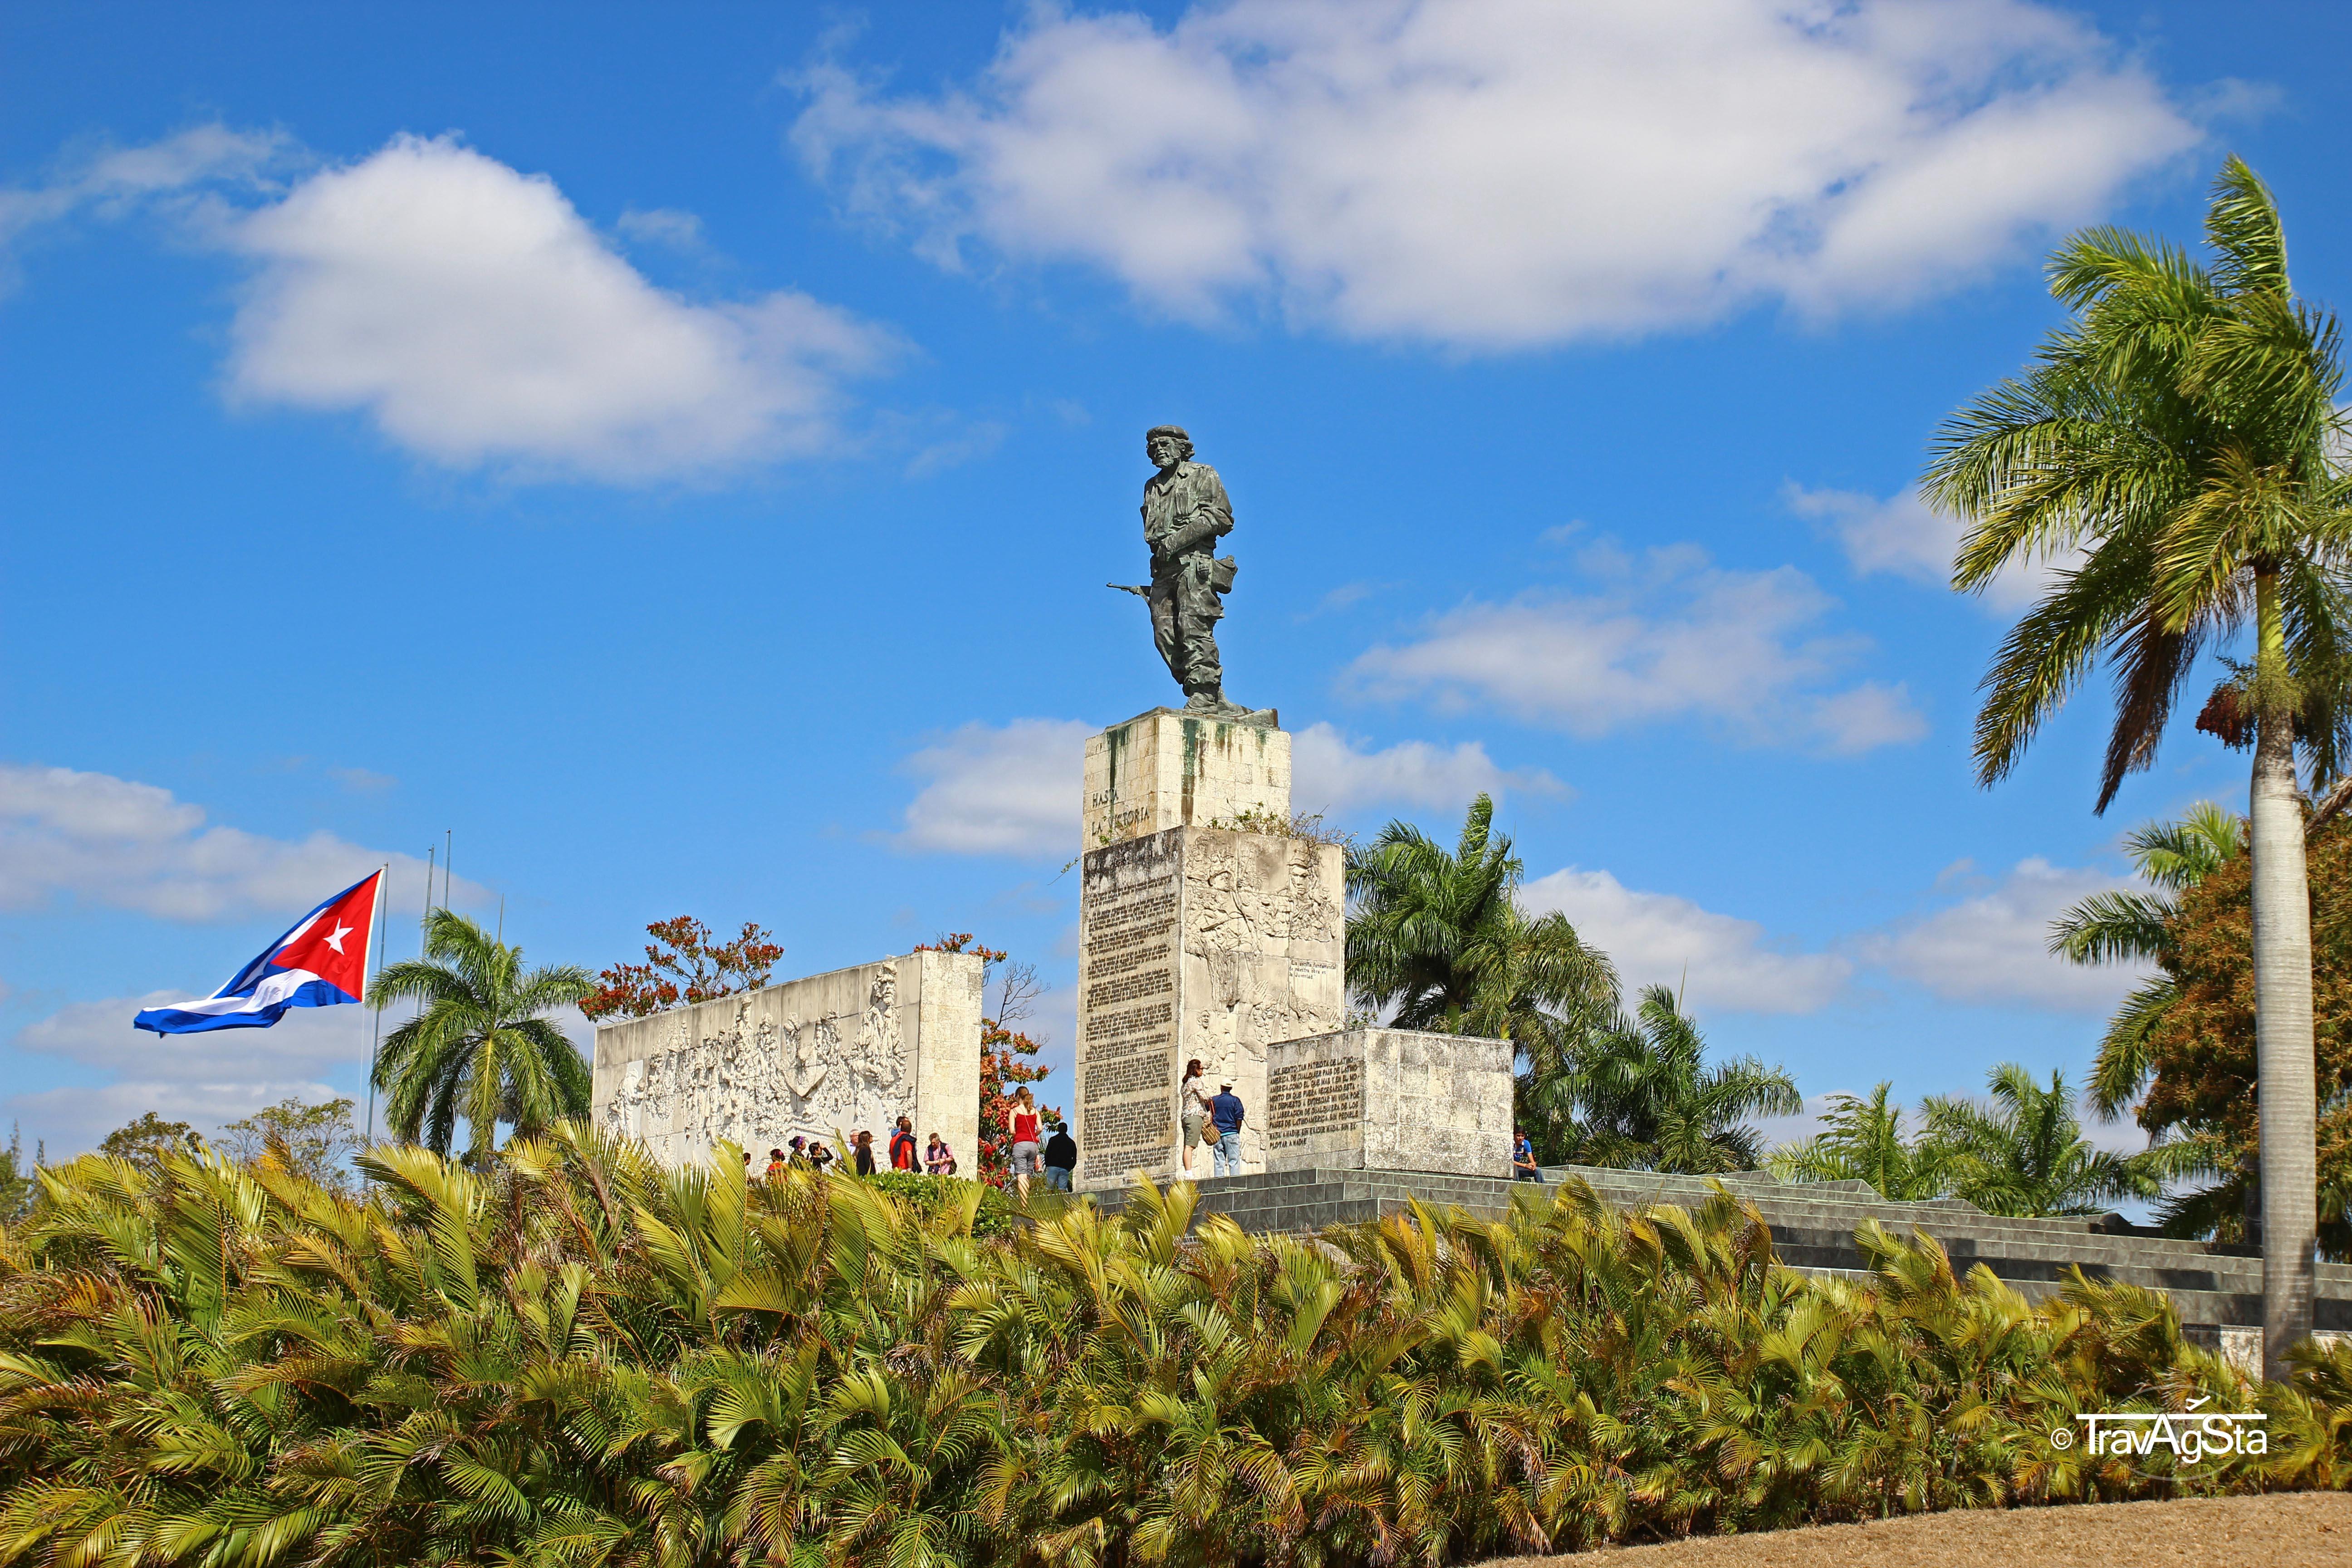 Topes de Collantes, Santa Clara, Cienfuegos: Ein perfekter Tagesausflug von Trinidad!